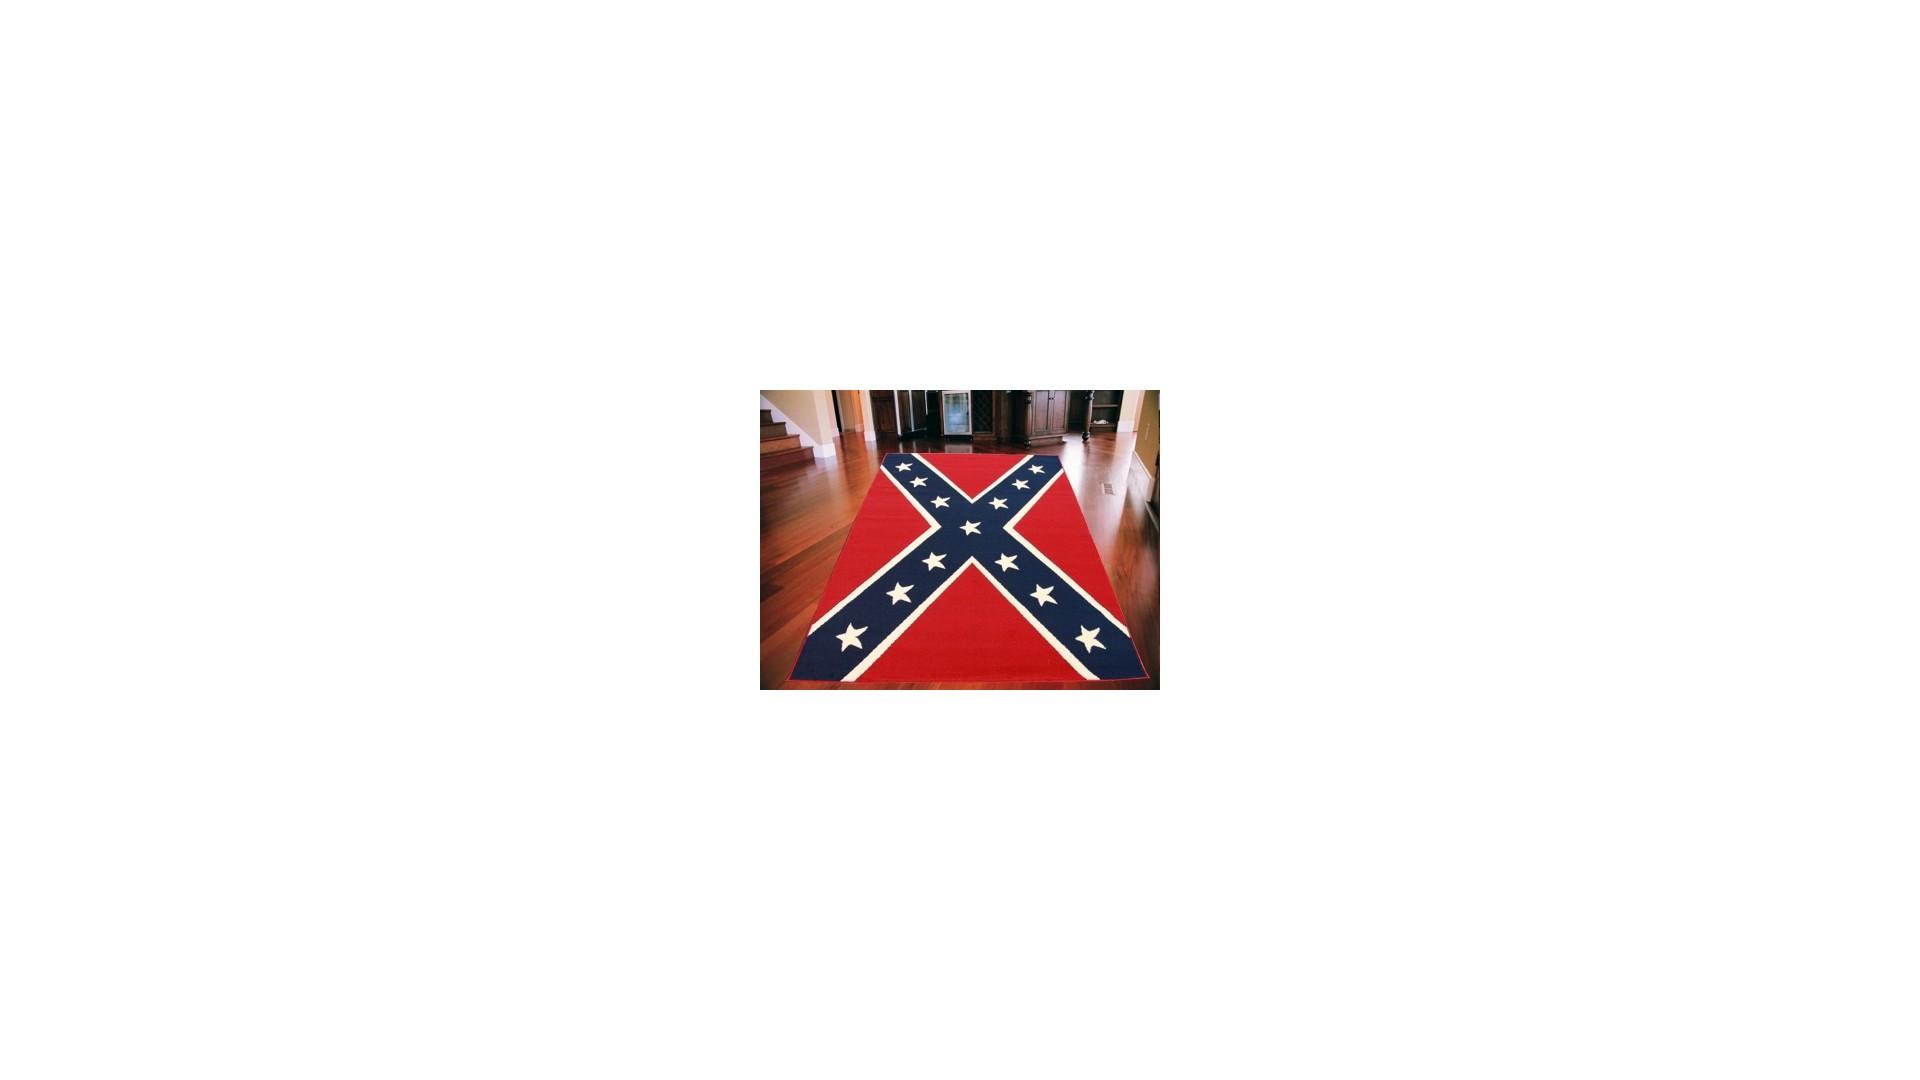 Ciekawe wzór niebieskiej flagi na czerwonym tle.